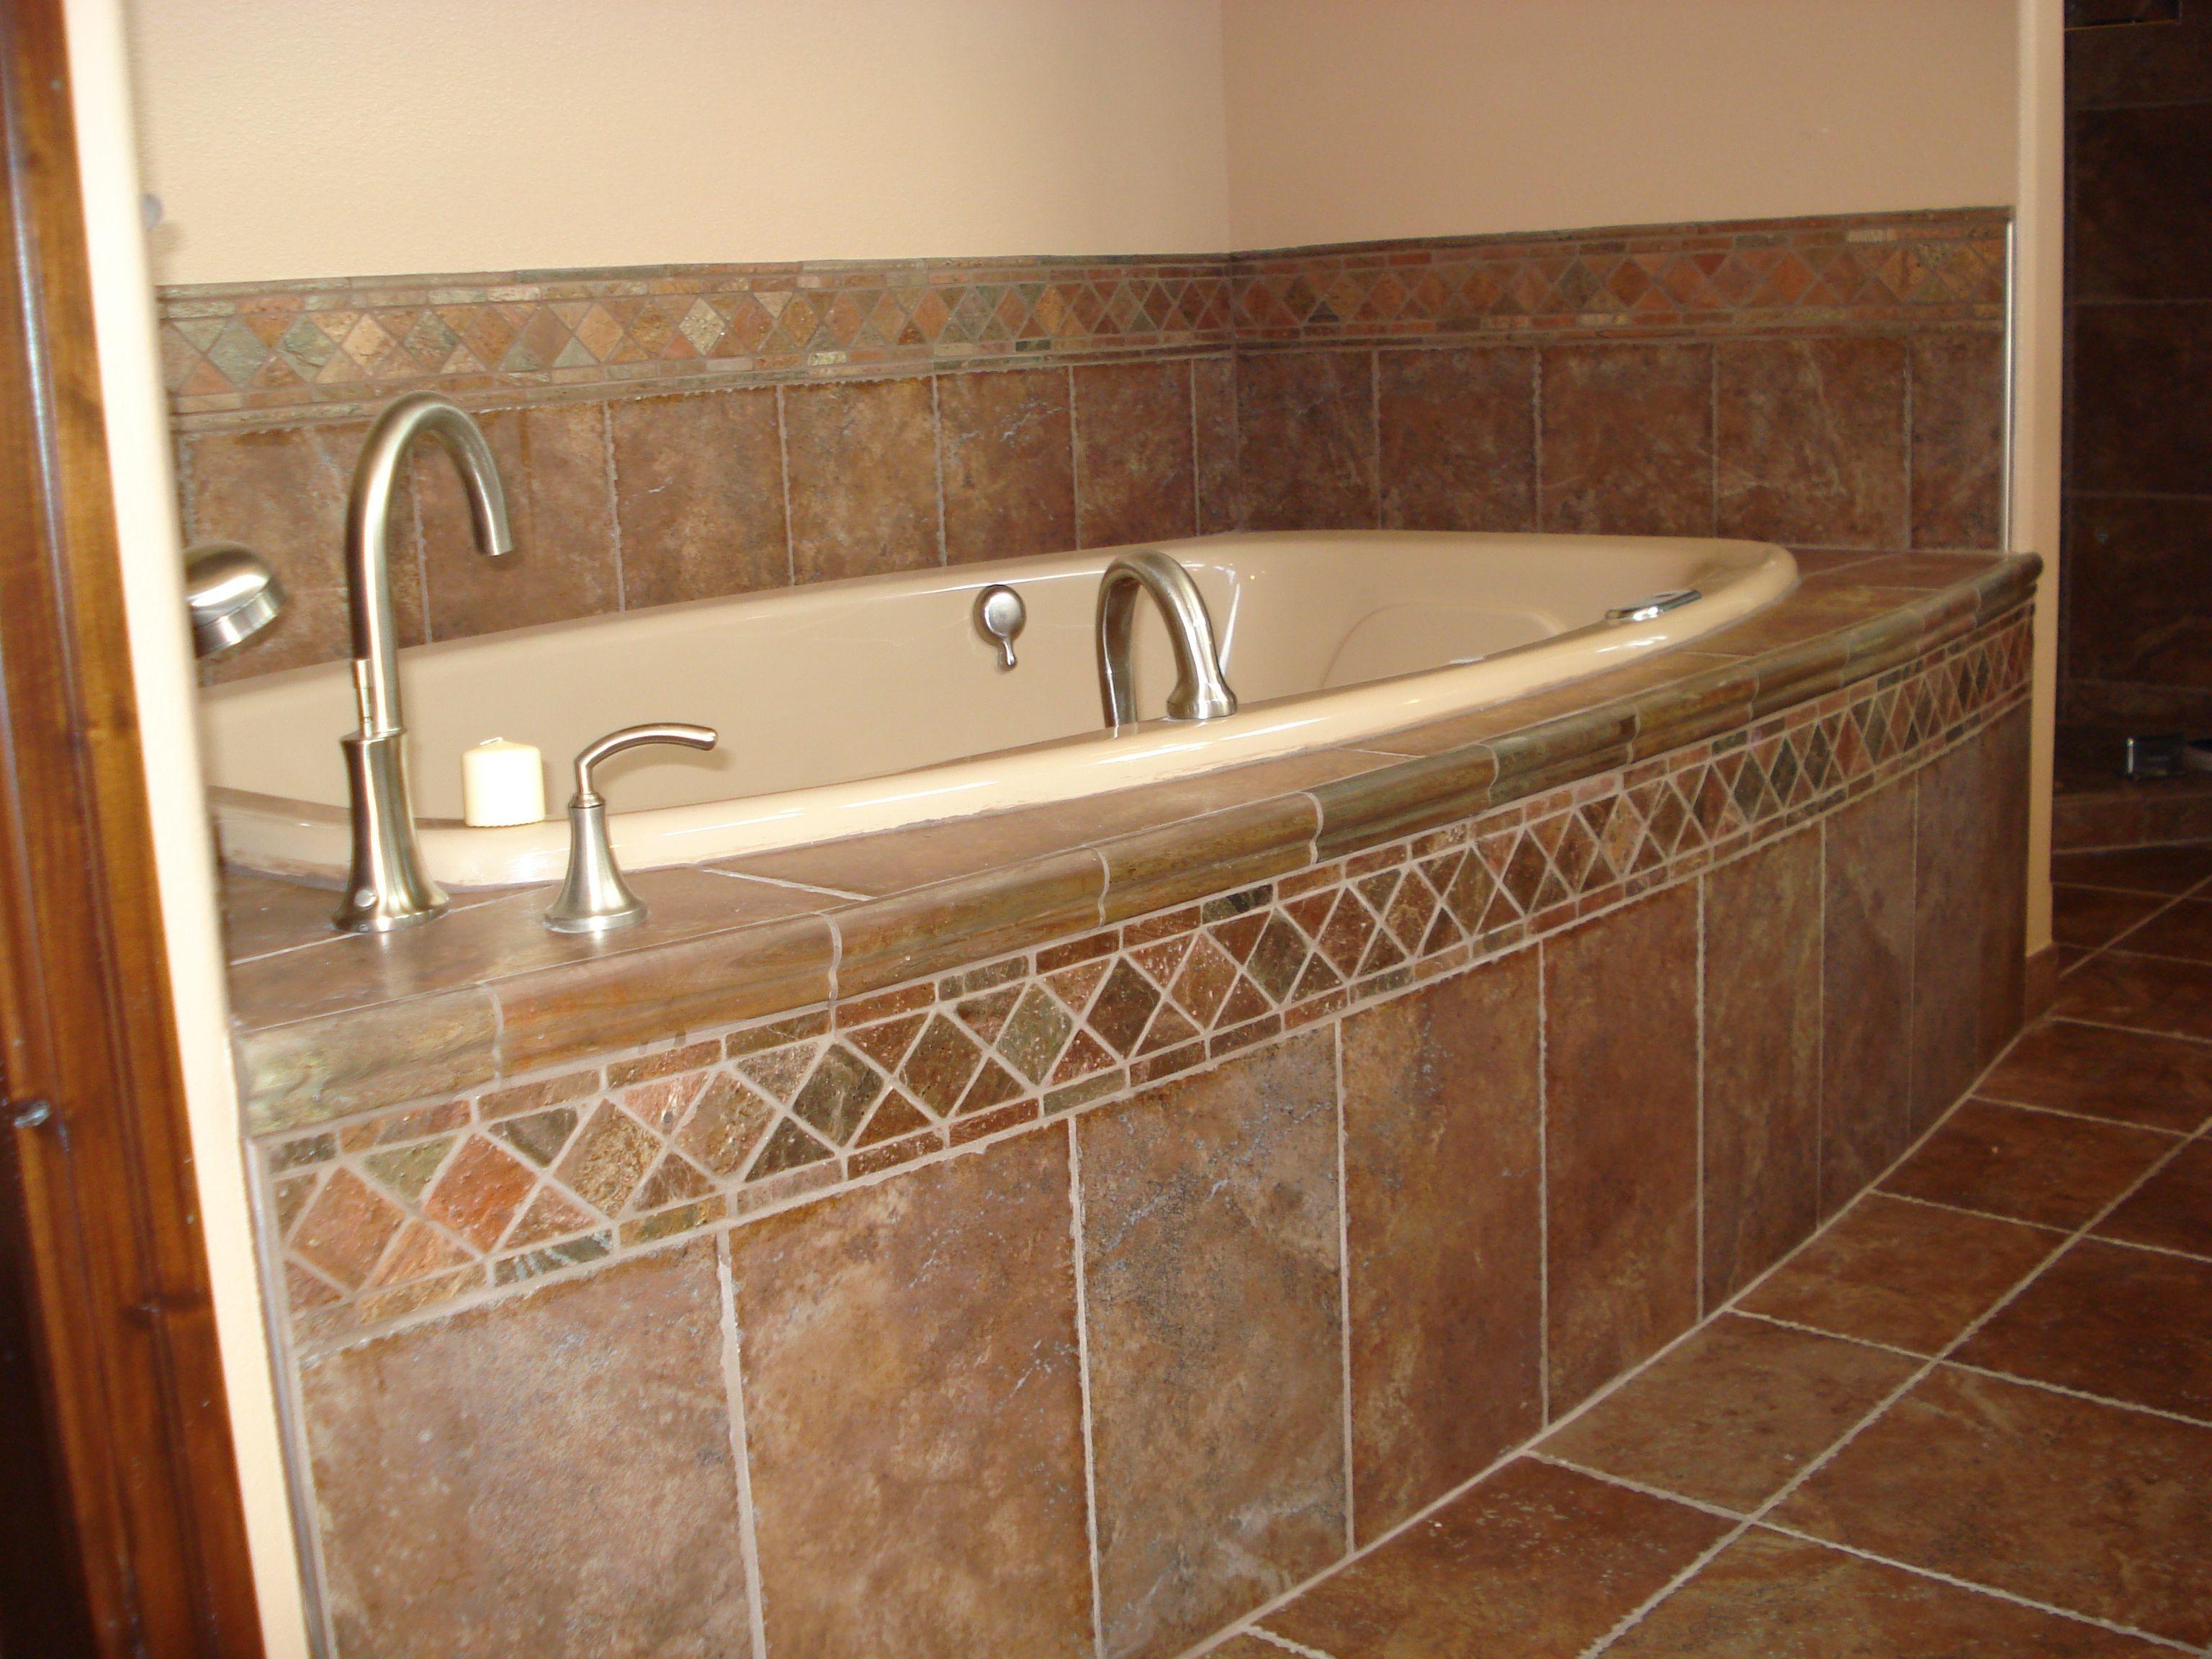 Pin By Lenny Goddard On Bathroom Decor Ideas Bathtub Tile Tile